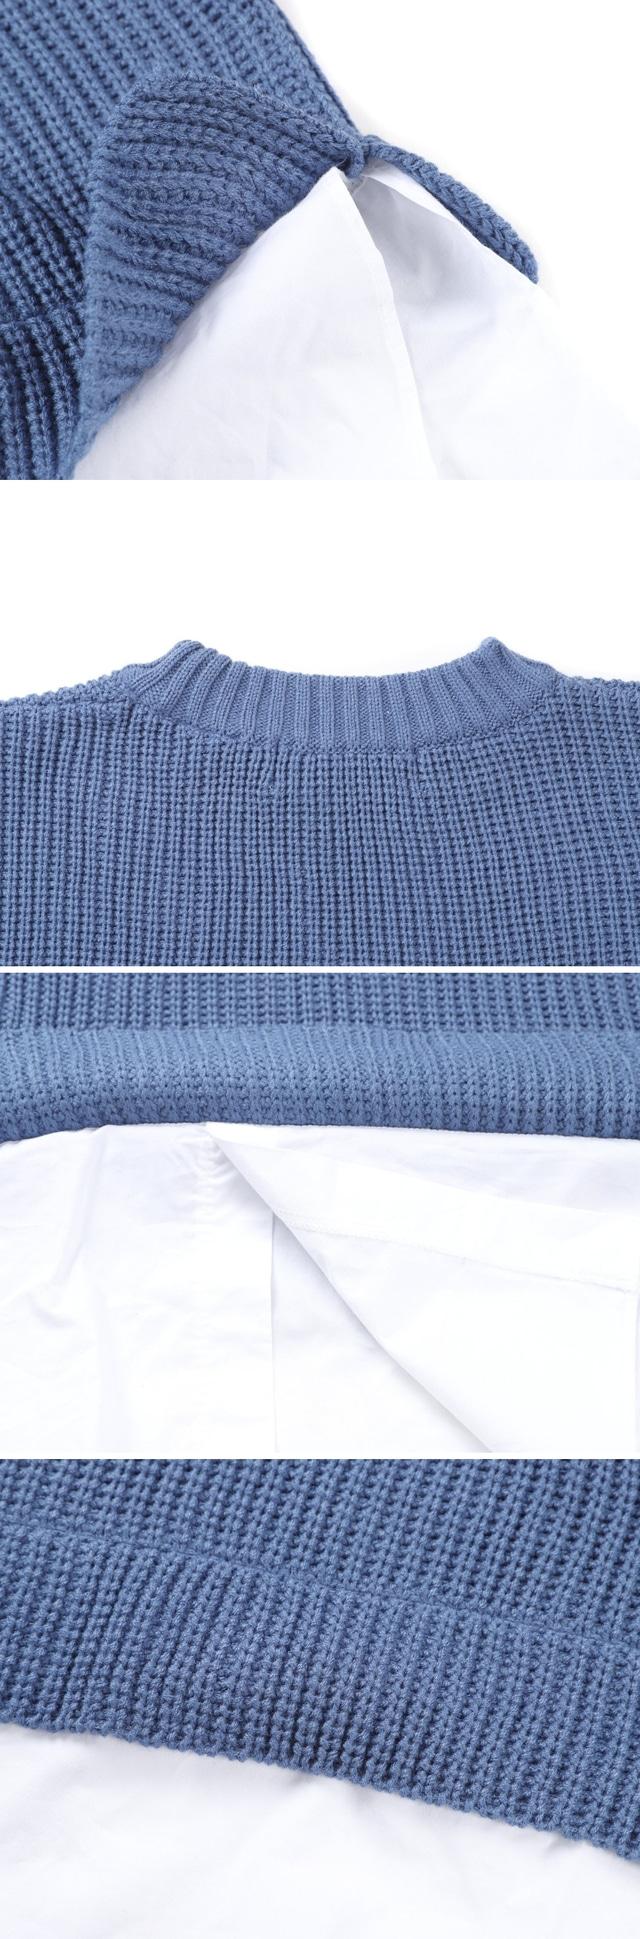 Shirt layered knit ♥ unisex ♥